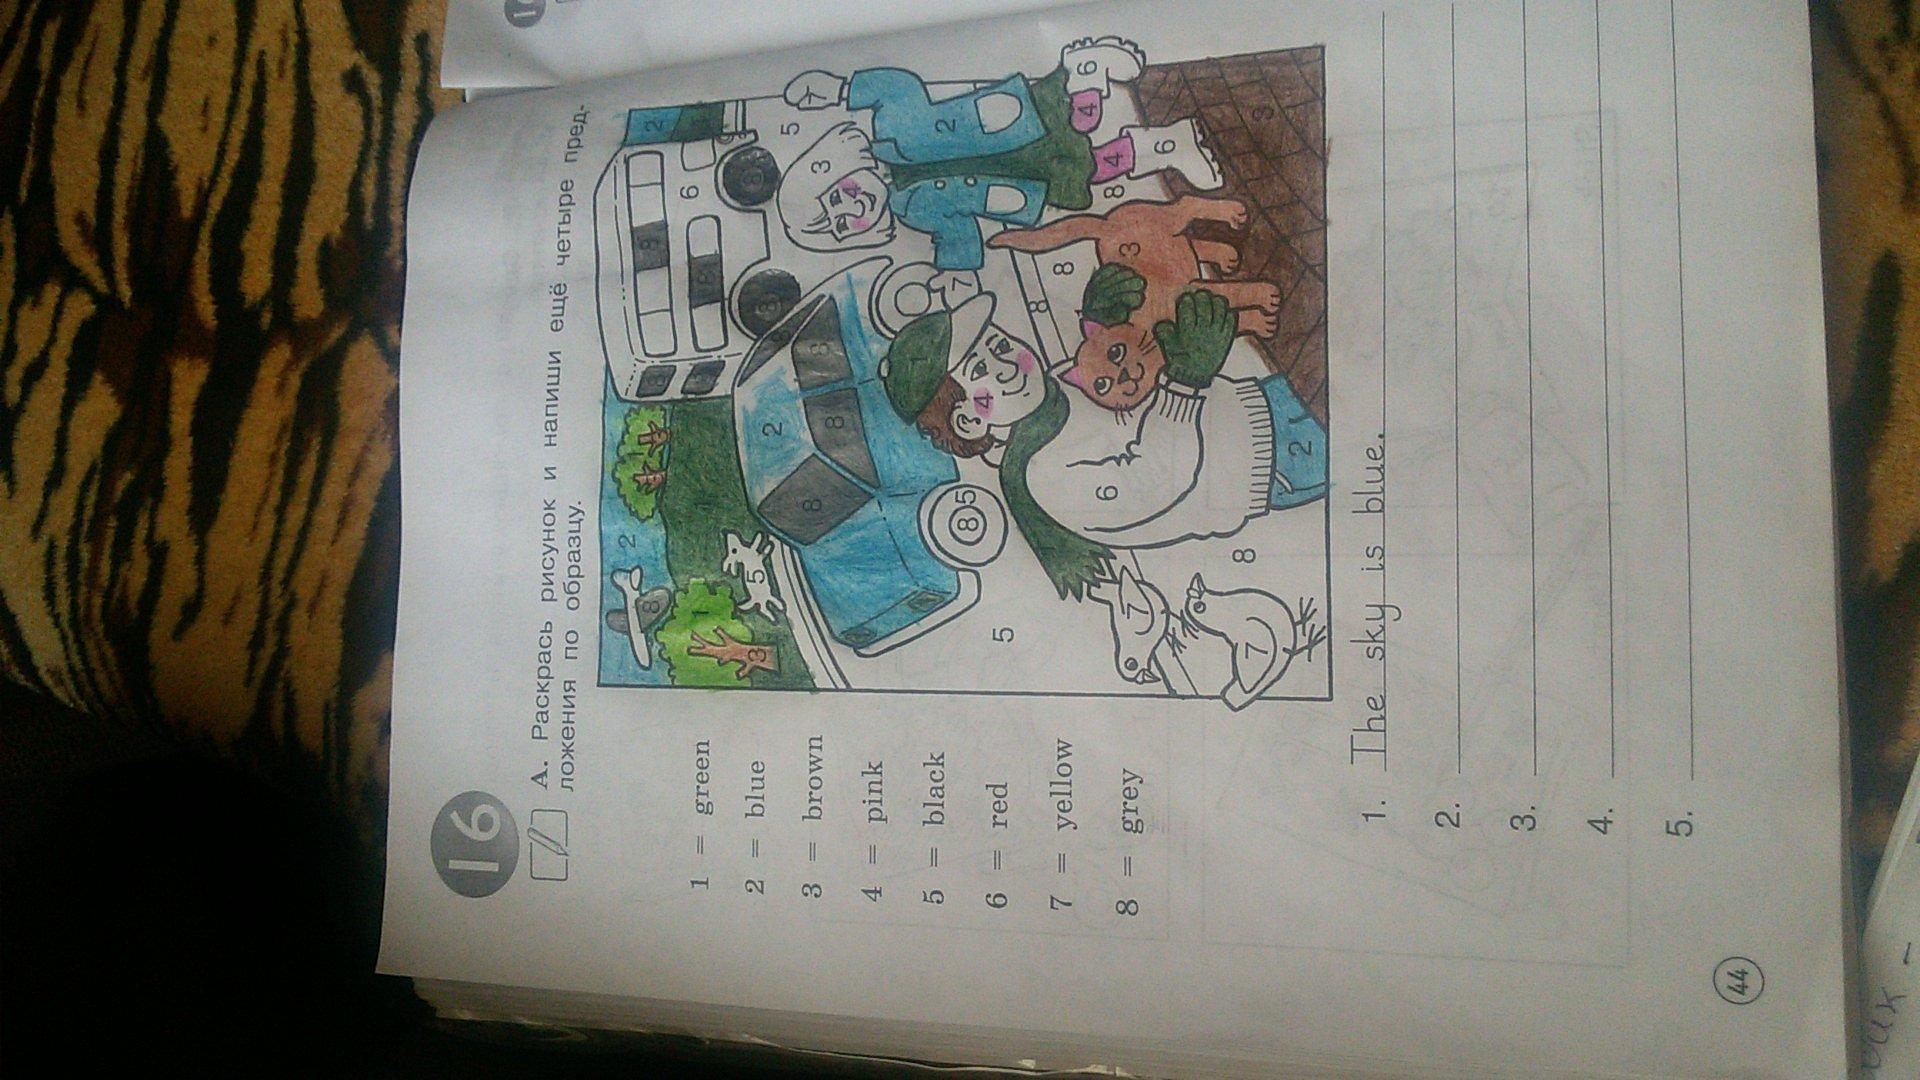 Раскрась рисунок и напиши ещё четыре предложения по образцу